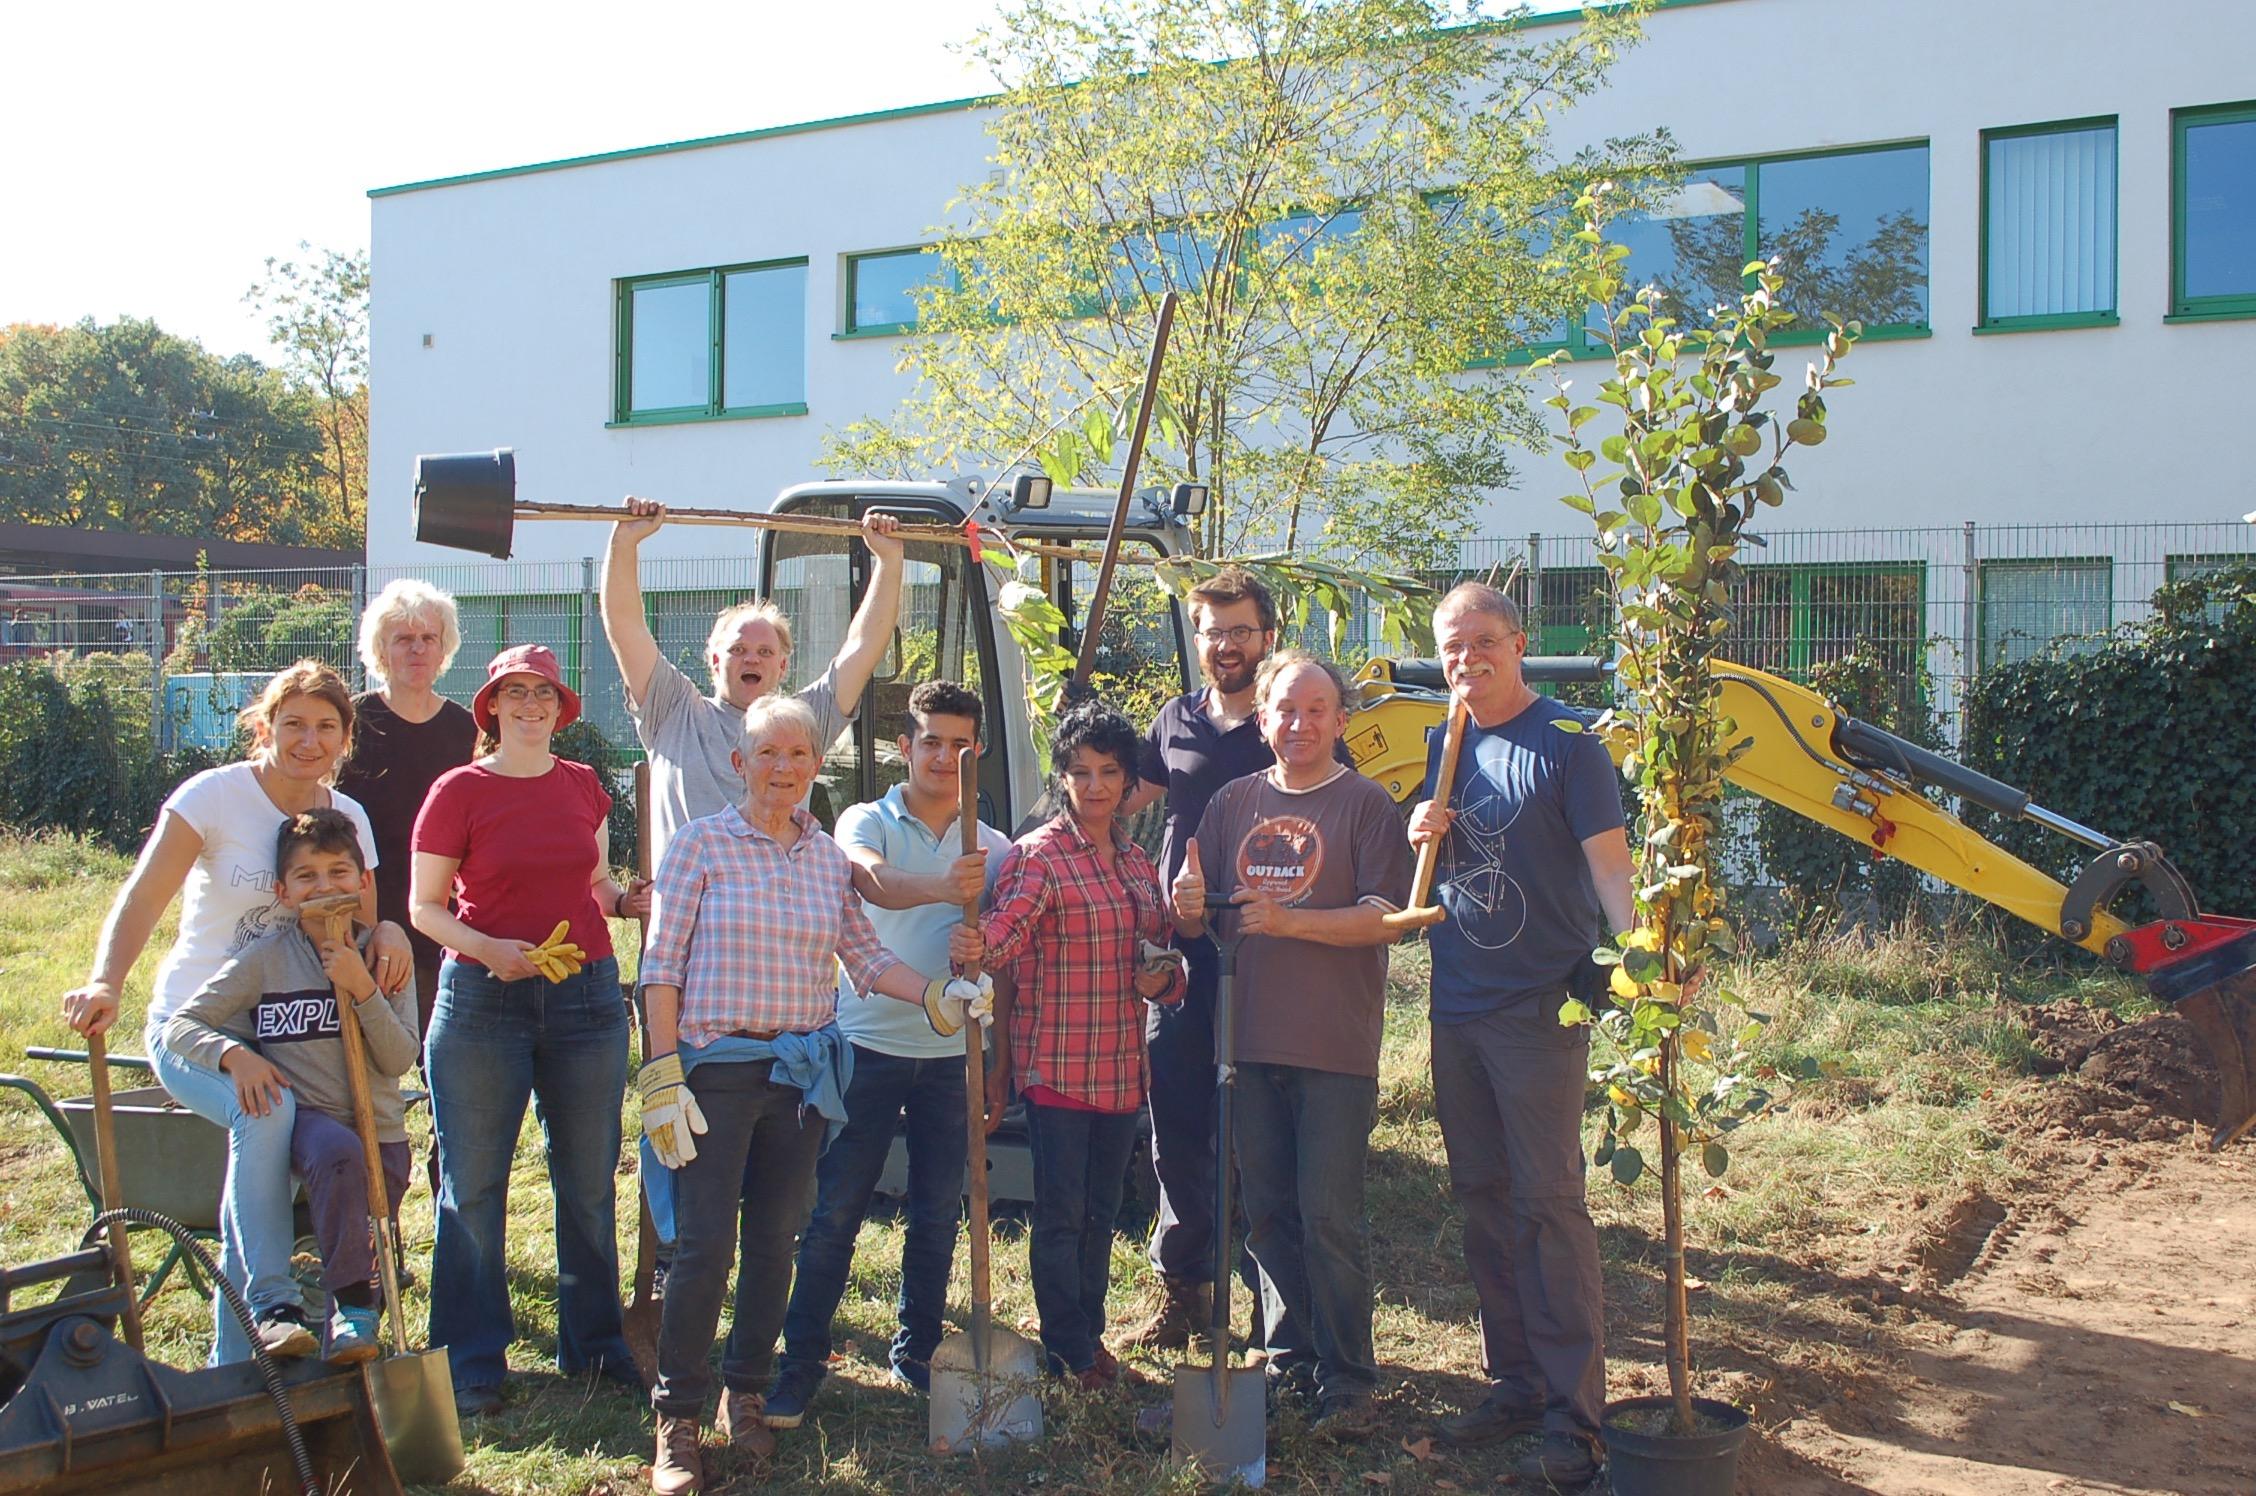 mk -Zahlreiche Aktive machten sich am Wochenende an die Umsetzung des Projektes Nachbarschaftsgarten.